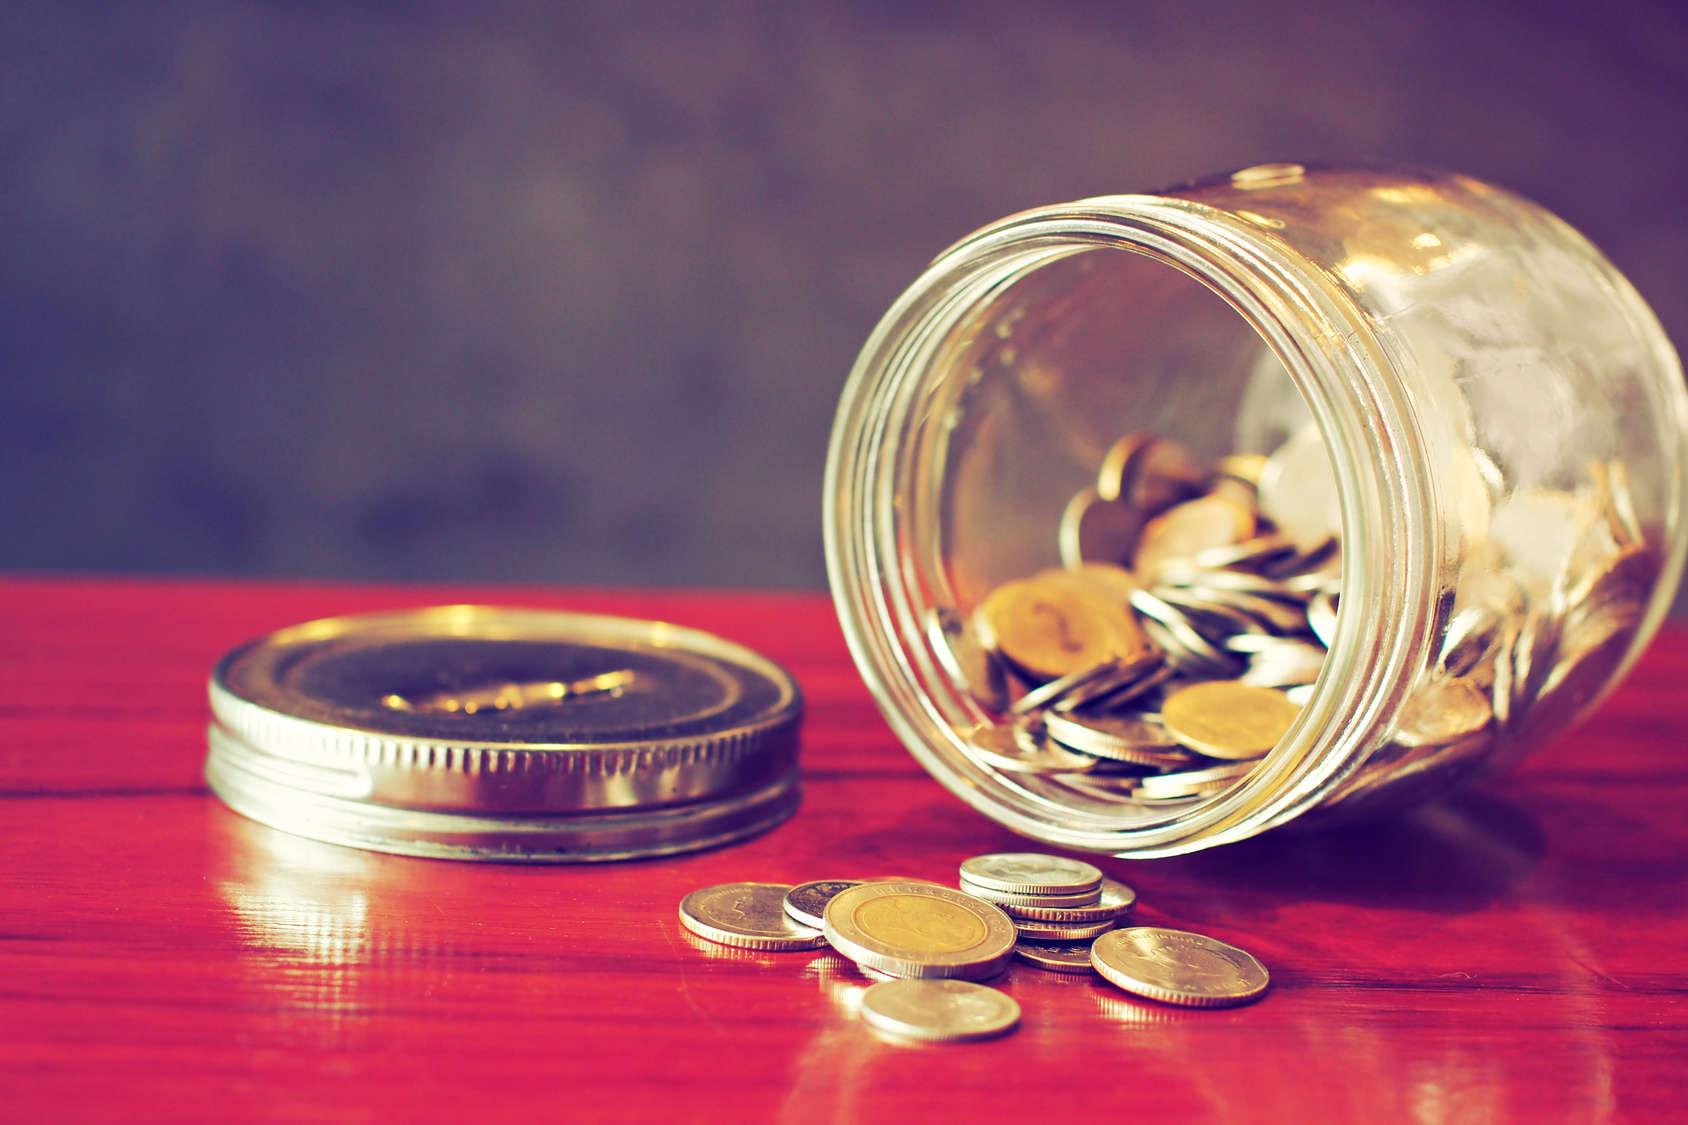 coin in money jar